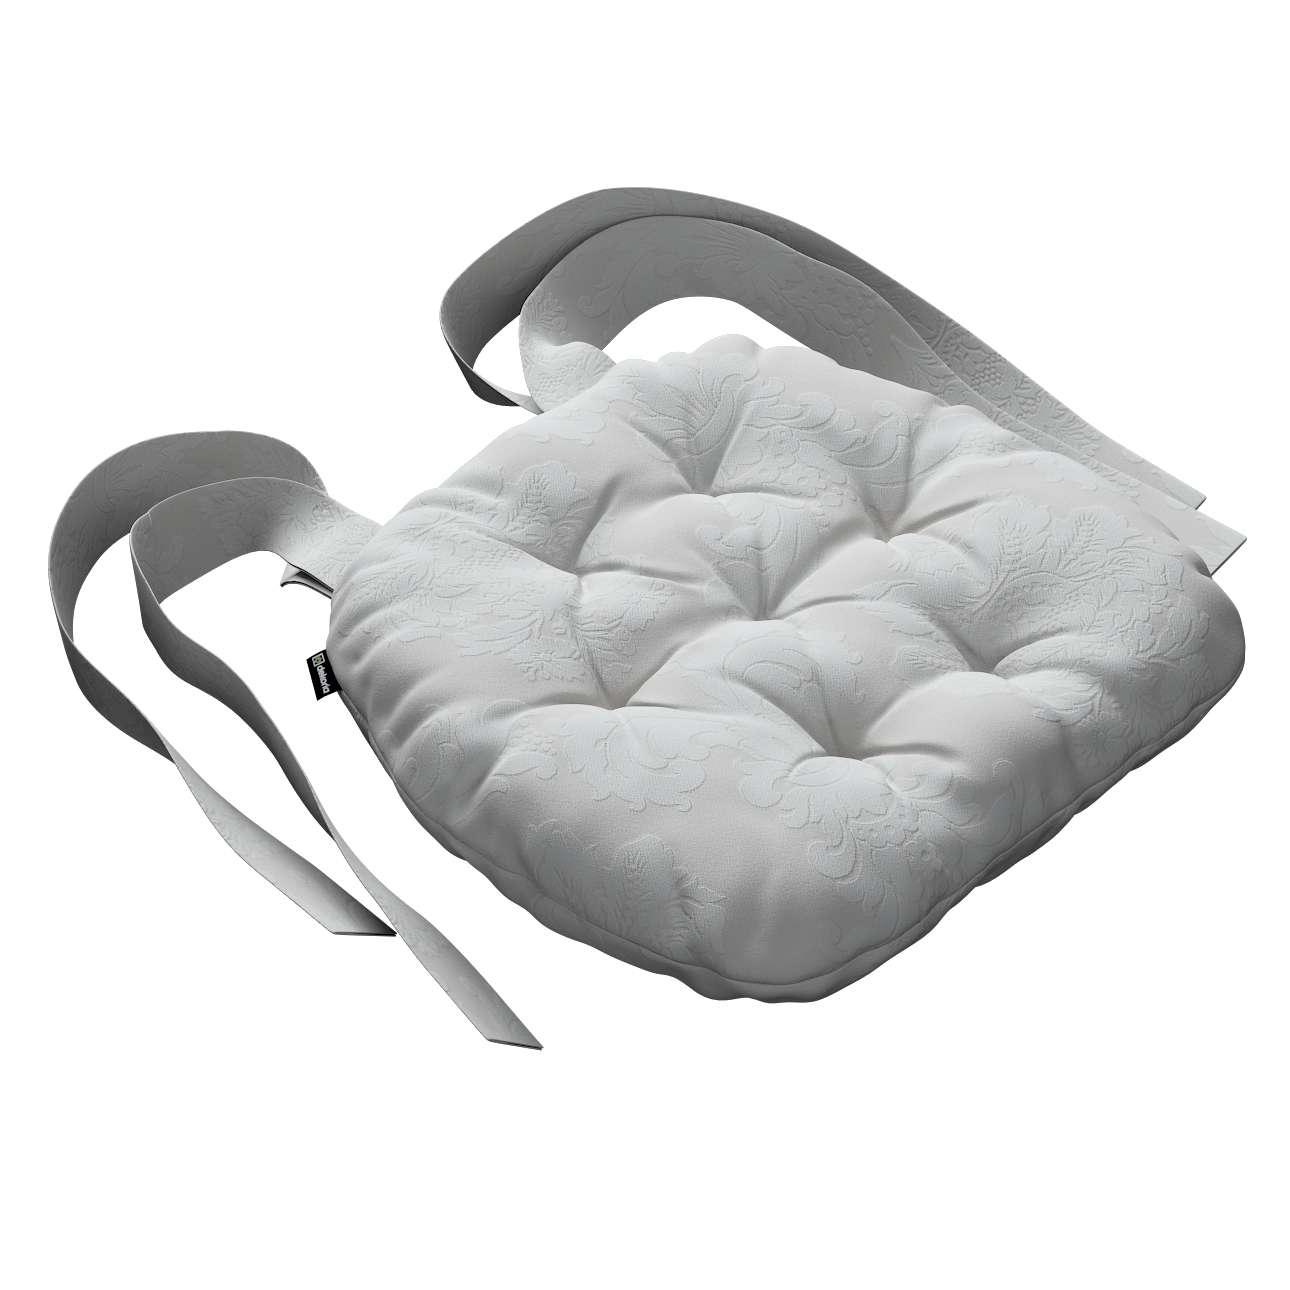 Siedzisko Marcin na krzesło 40x37x8cm w kolekcji Damasco, tkanina: 613-81